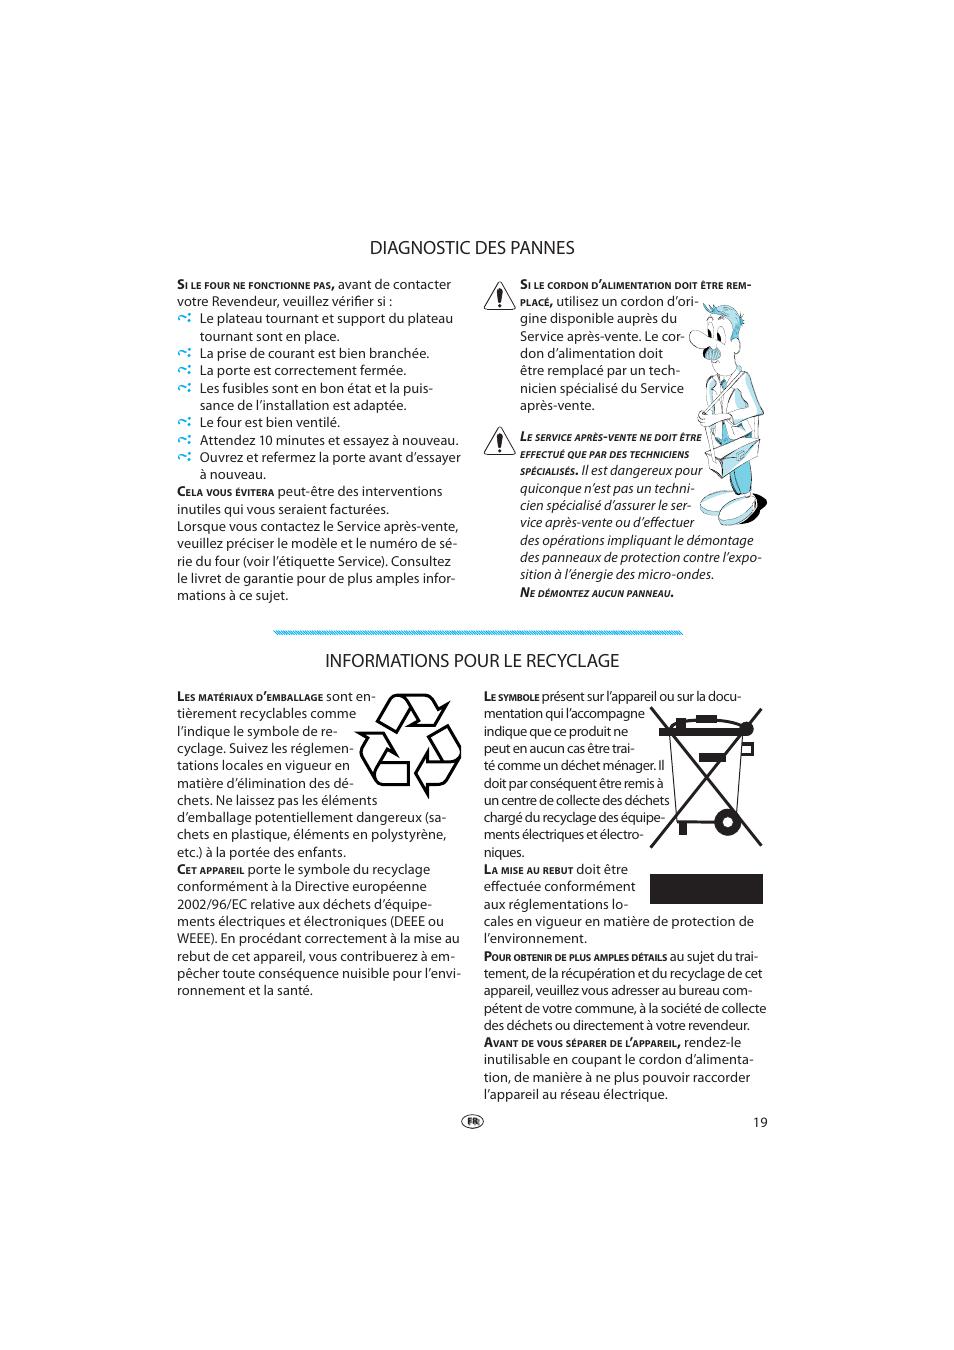 diagnostic des pannes, informations pour le recyclage   whirlpool vt